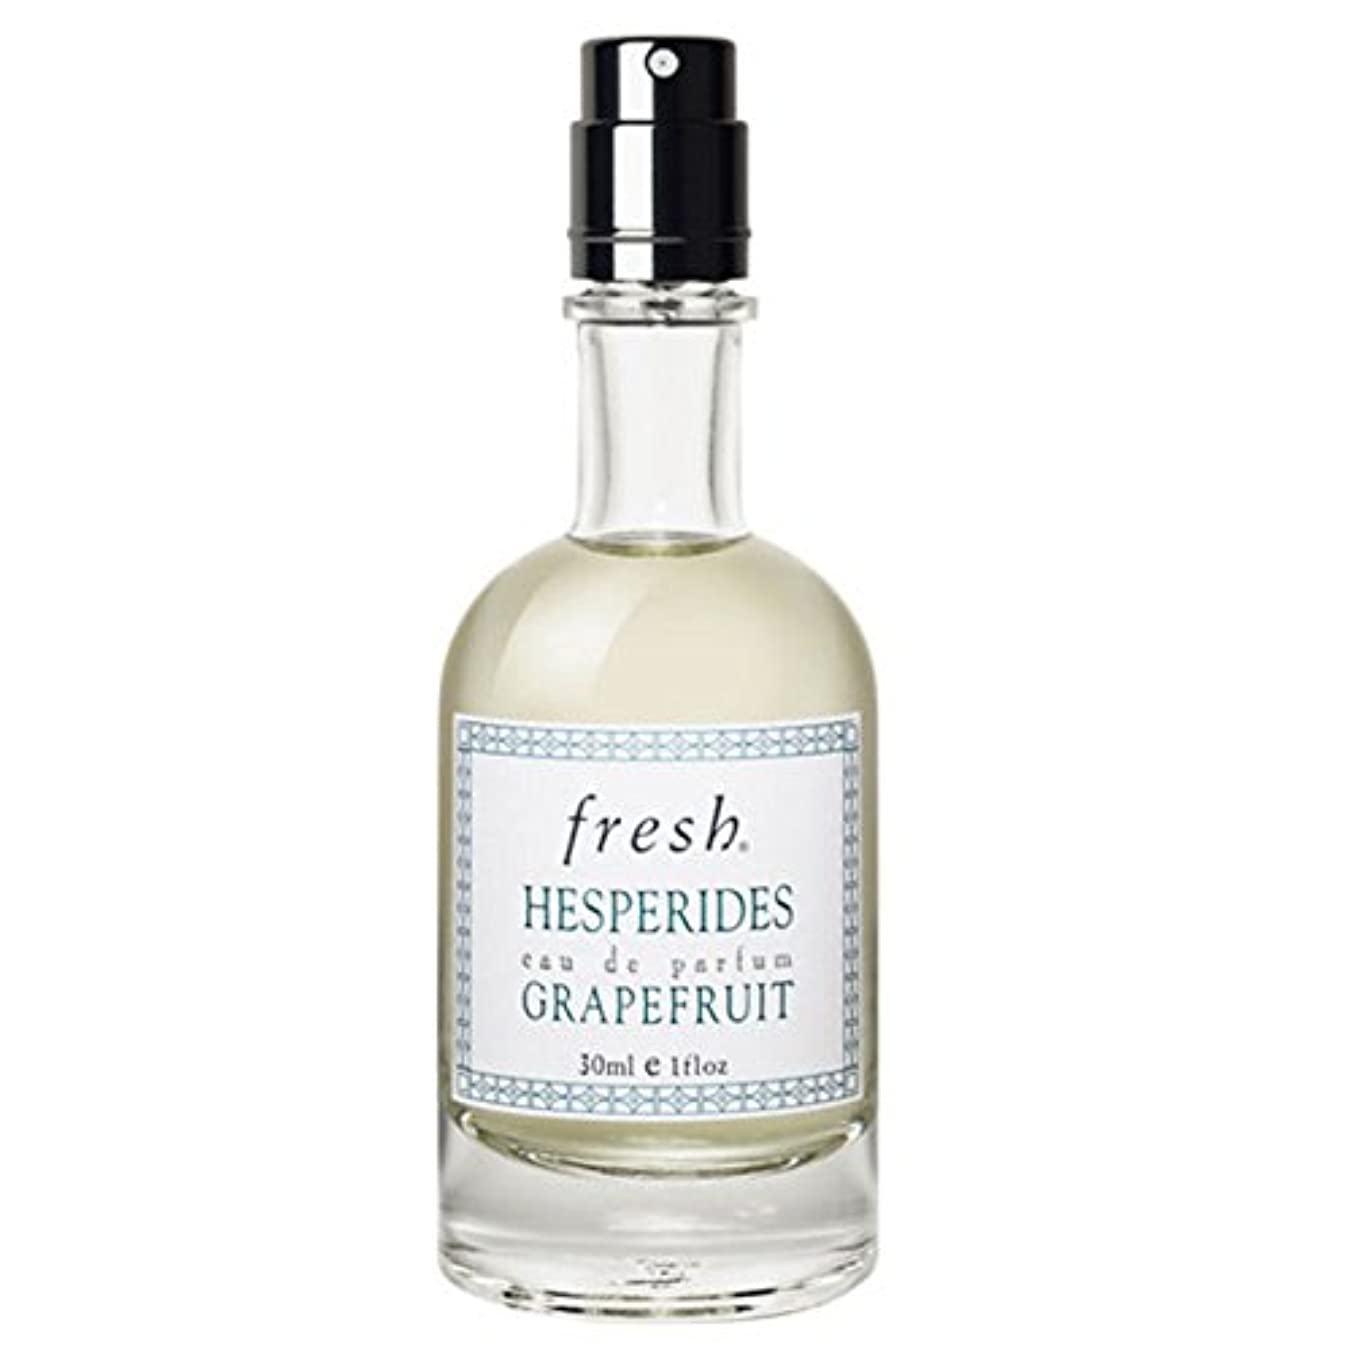 興奮到着ムスタチオFresh (フレッシュ) ヘスペリデスグレープフルーツオードパルファム,1 oz (30 ml)- Hesperides Grapefruit。[並行輸入品] [海外直送品]